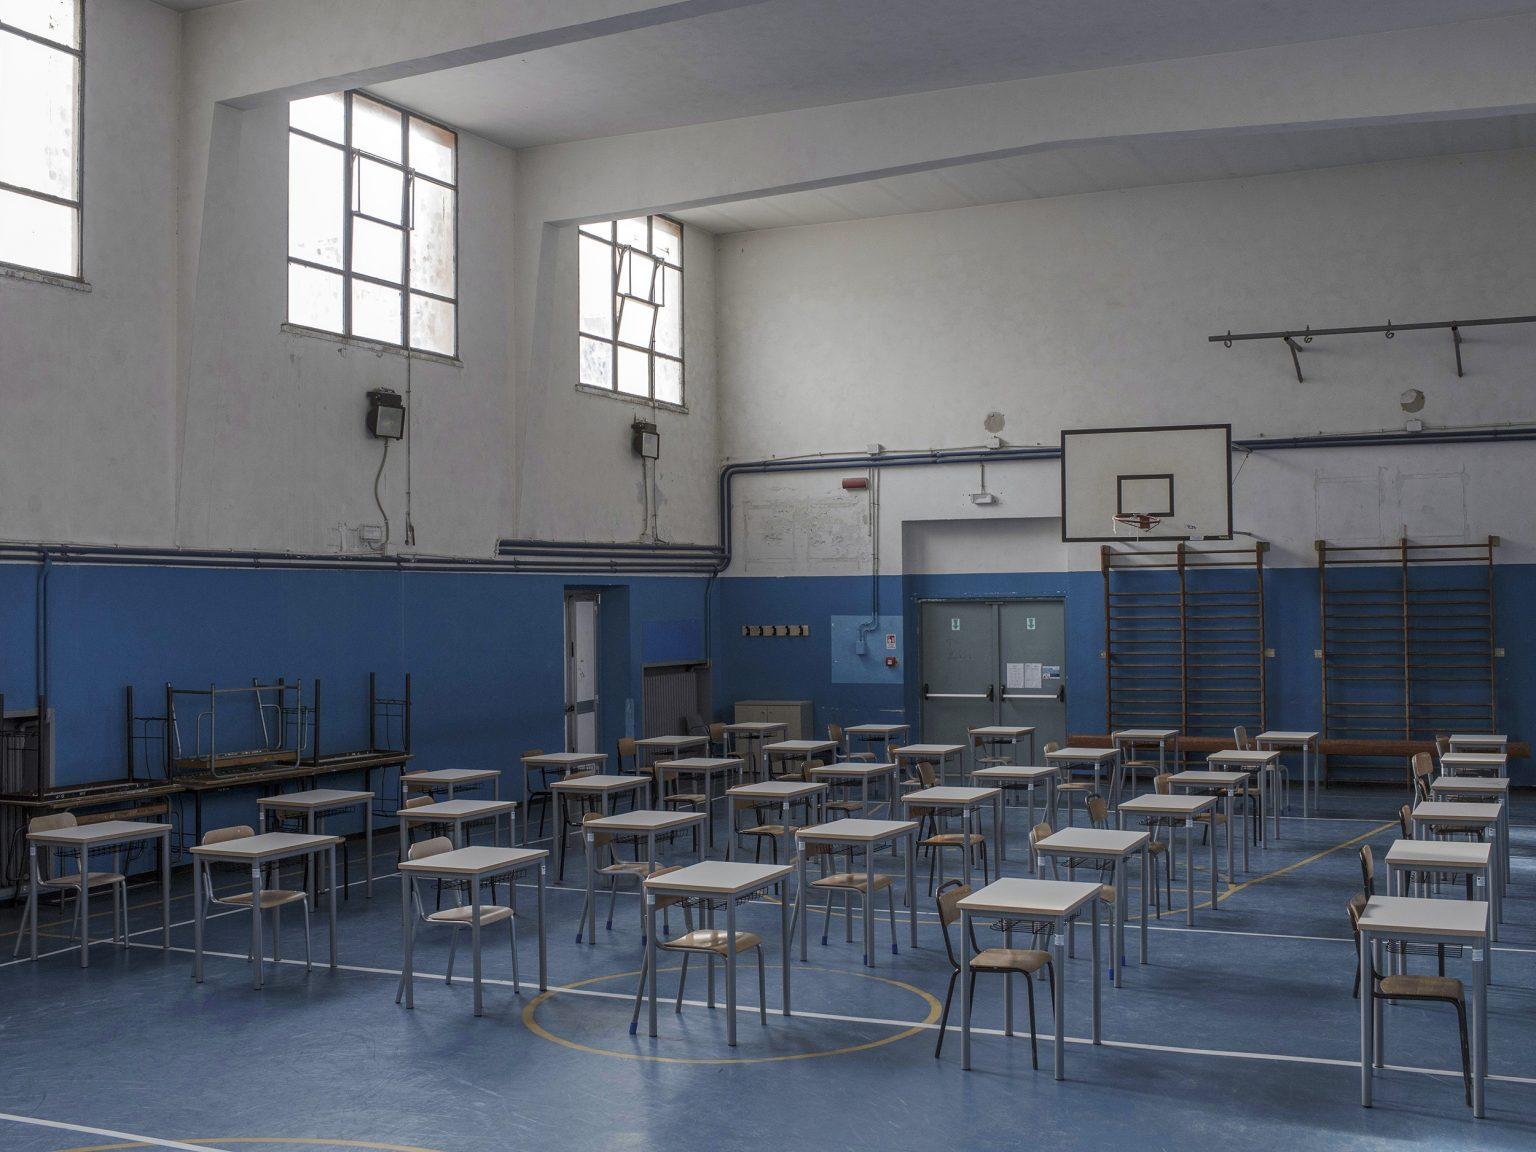 La palestra ora adibita ad aula presso il Liceo classico/linguistico Tito Lucrezio Caro